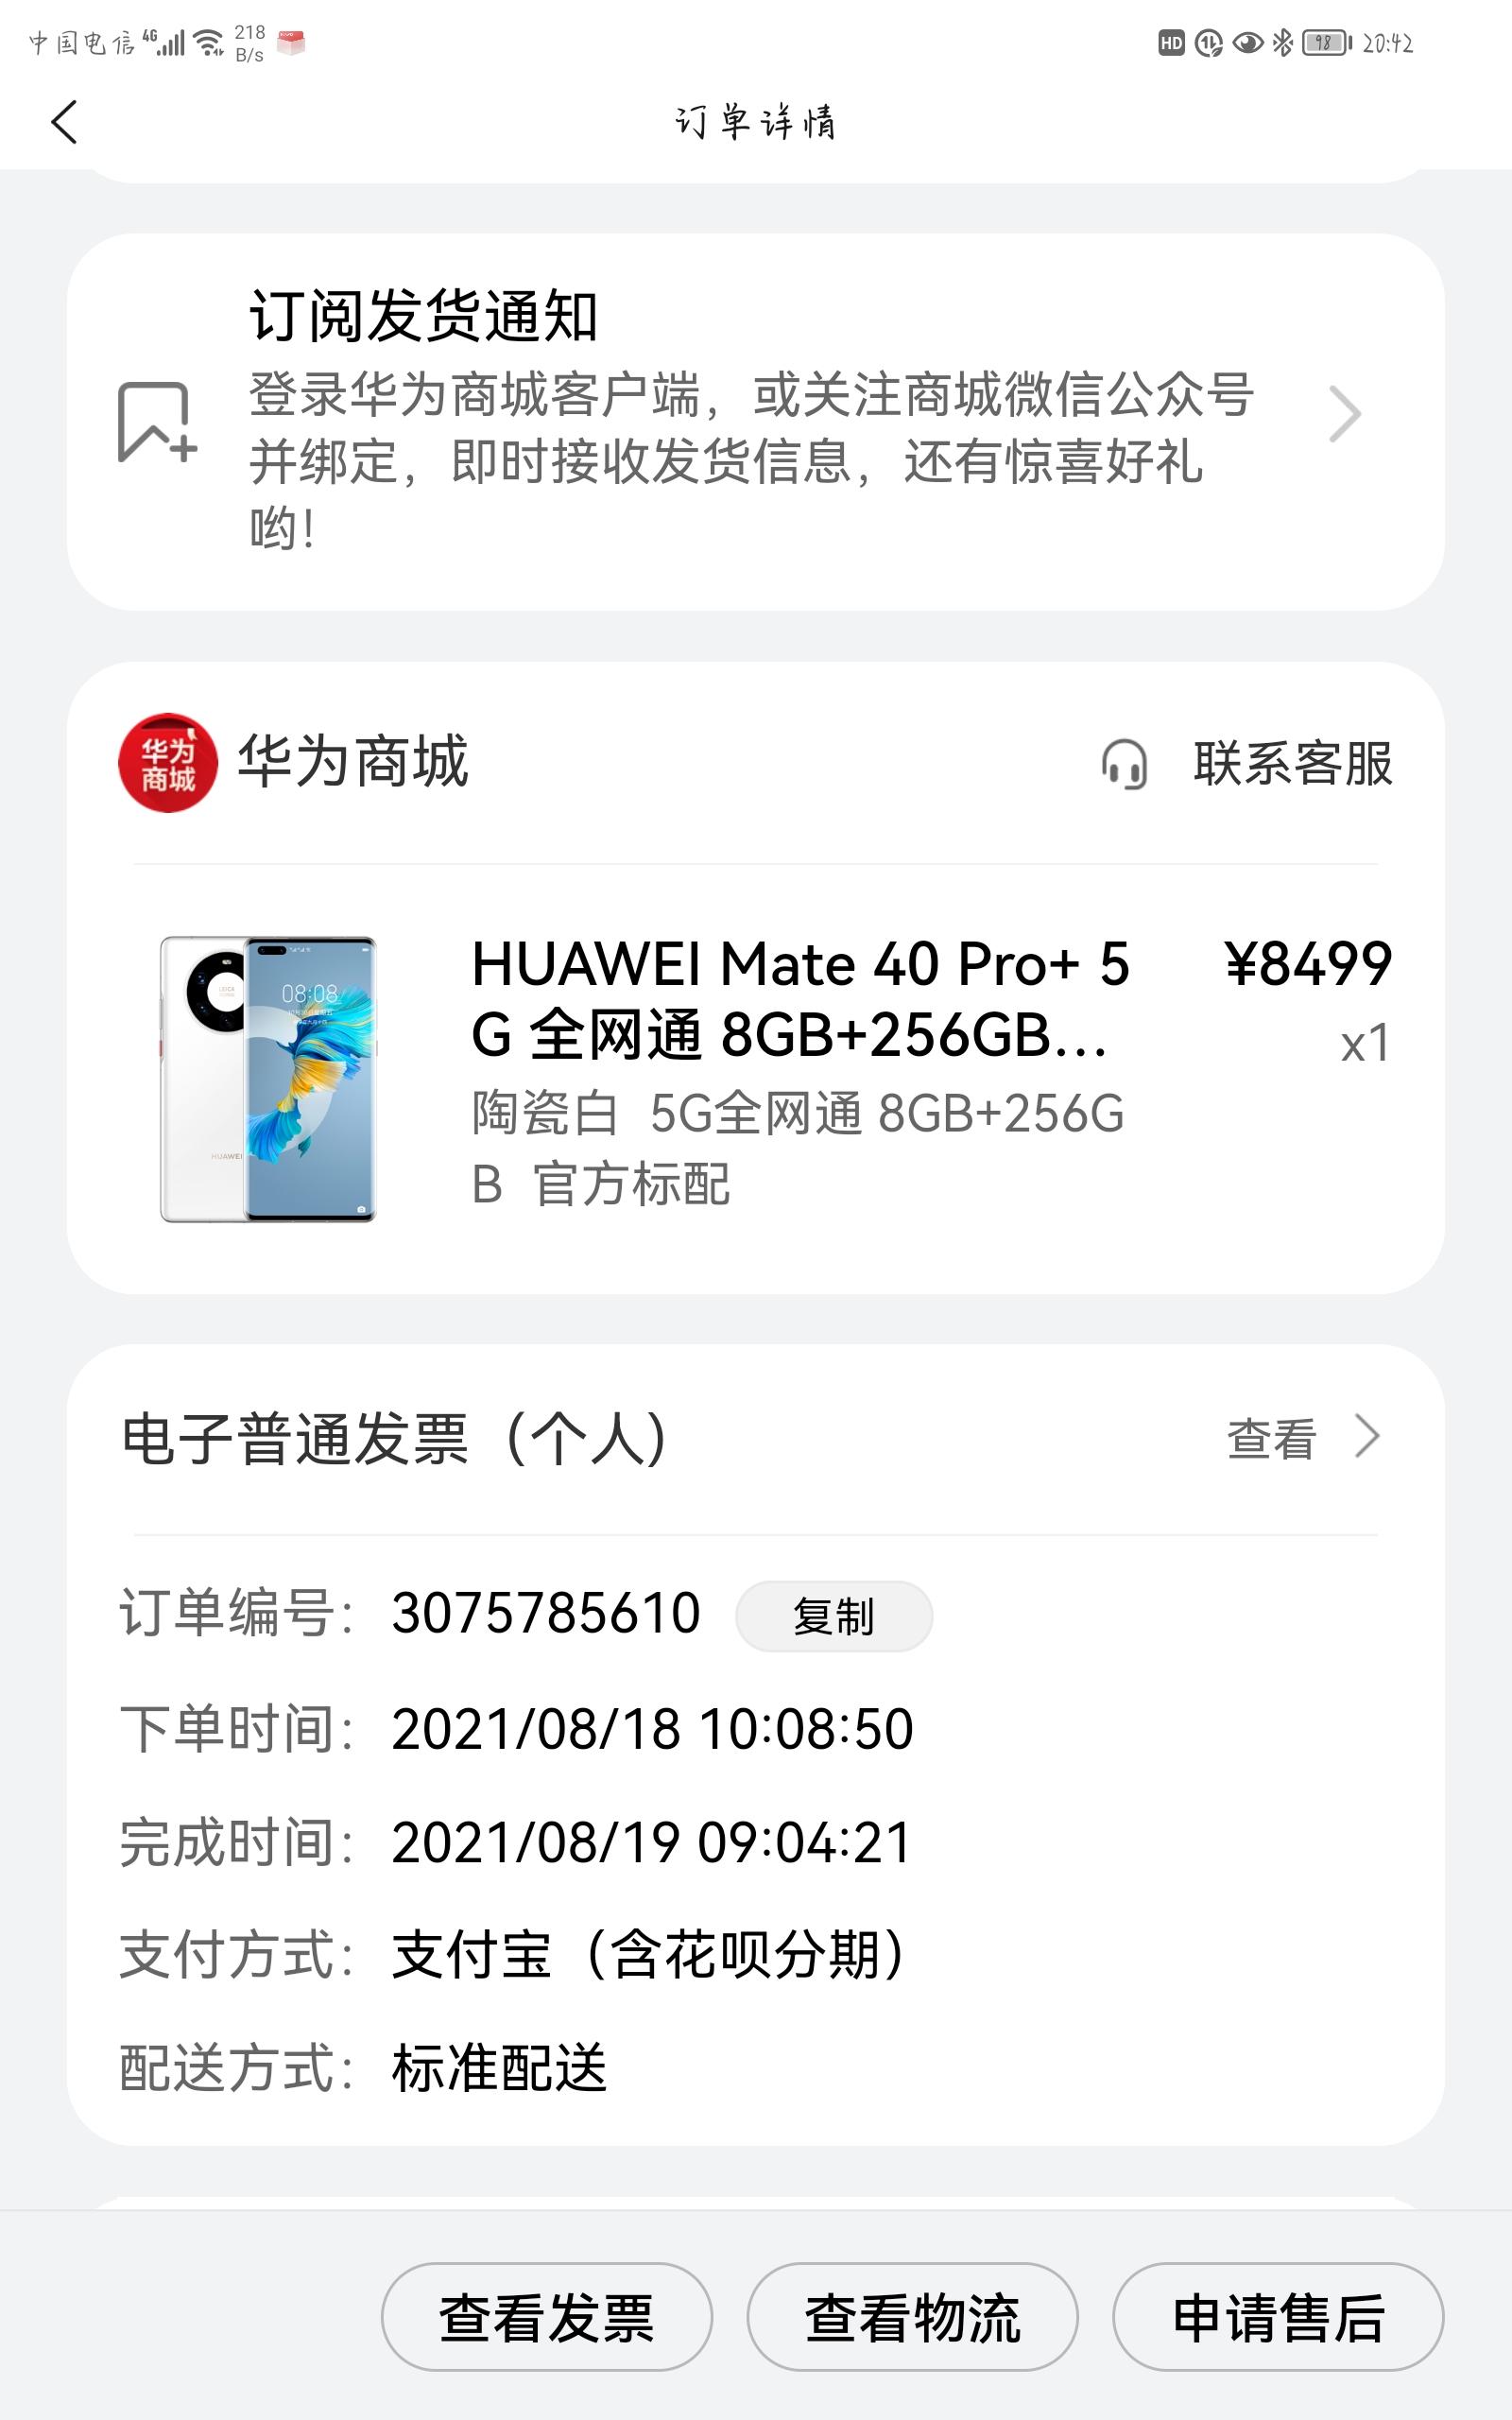 Screenshot_20210829_204234_com.vmall.client.jpg